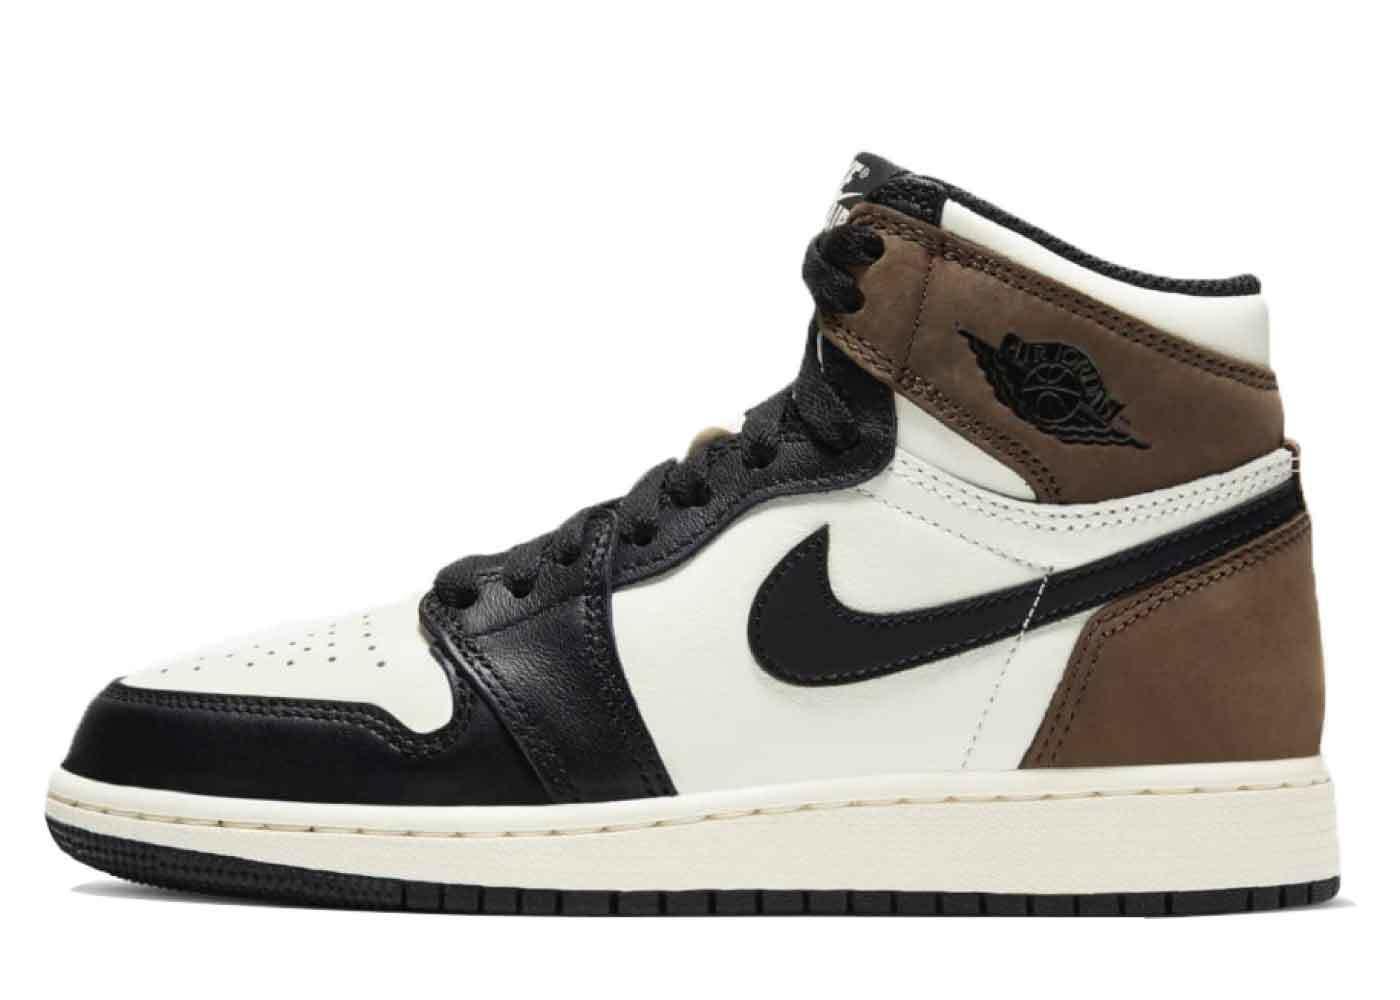 Nike Air Jordan 1 Retro High OG Dark Mocha GSの写真